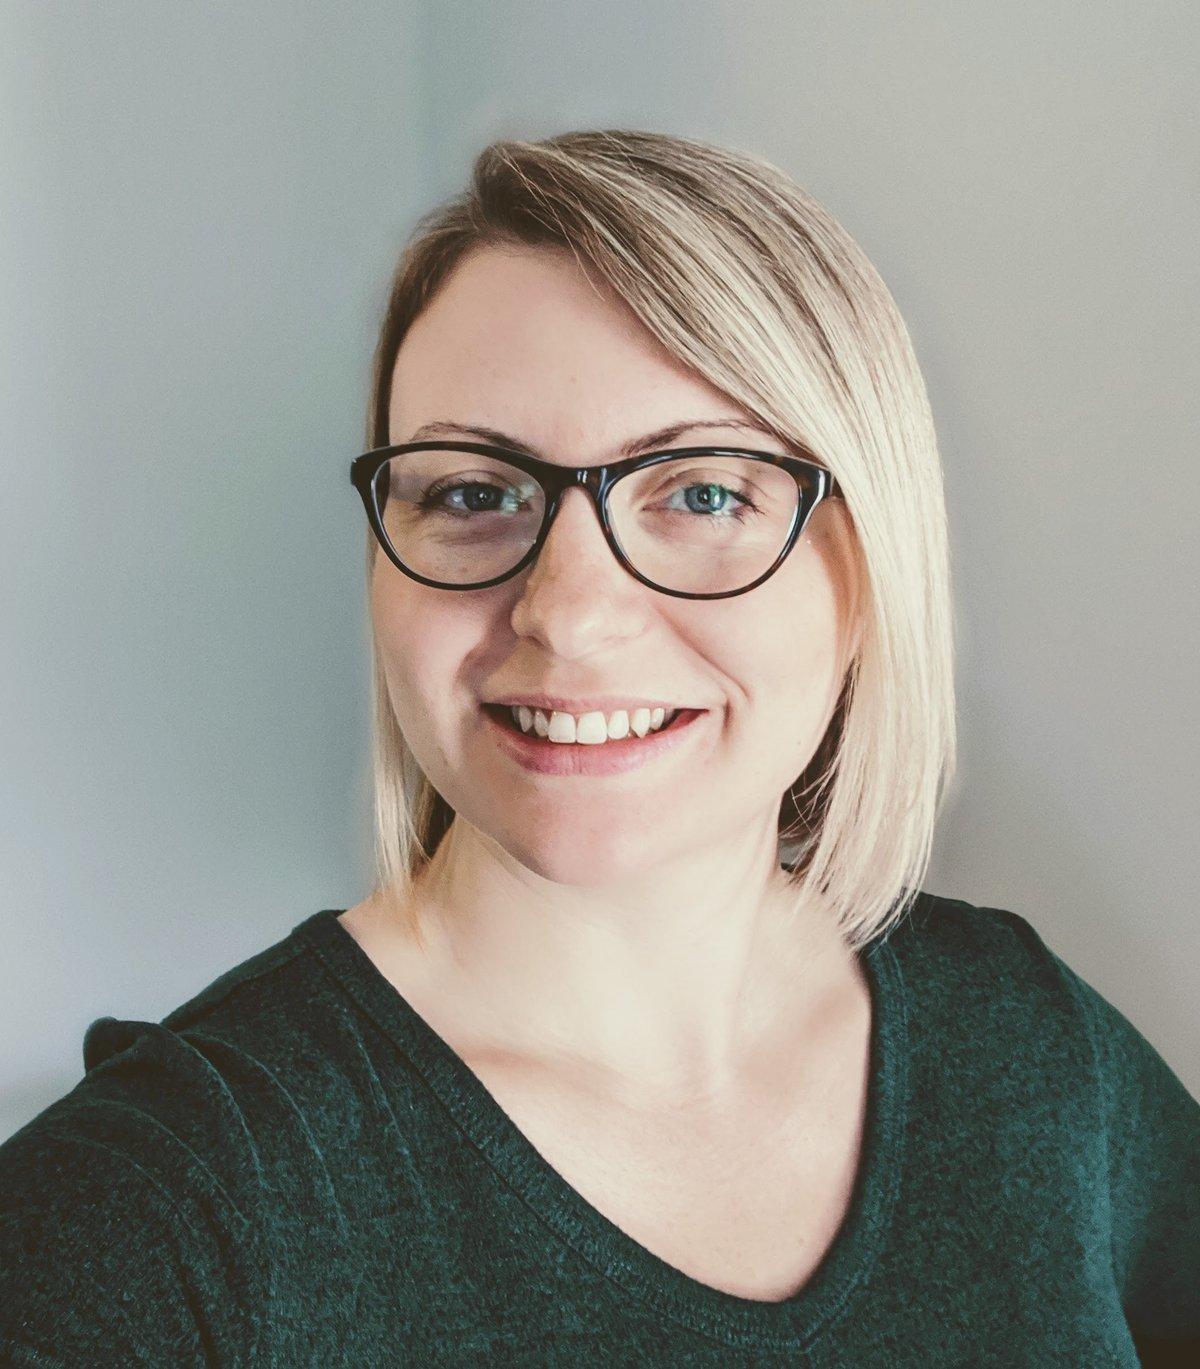 Liz Callin, Professional Development Officer